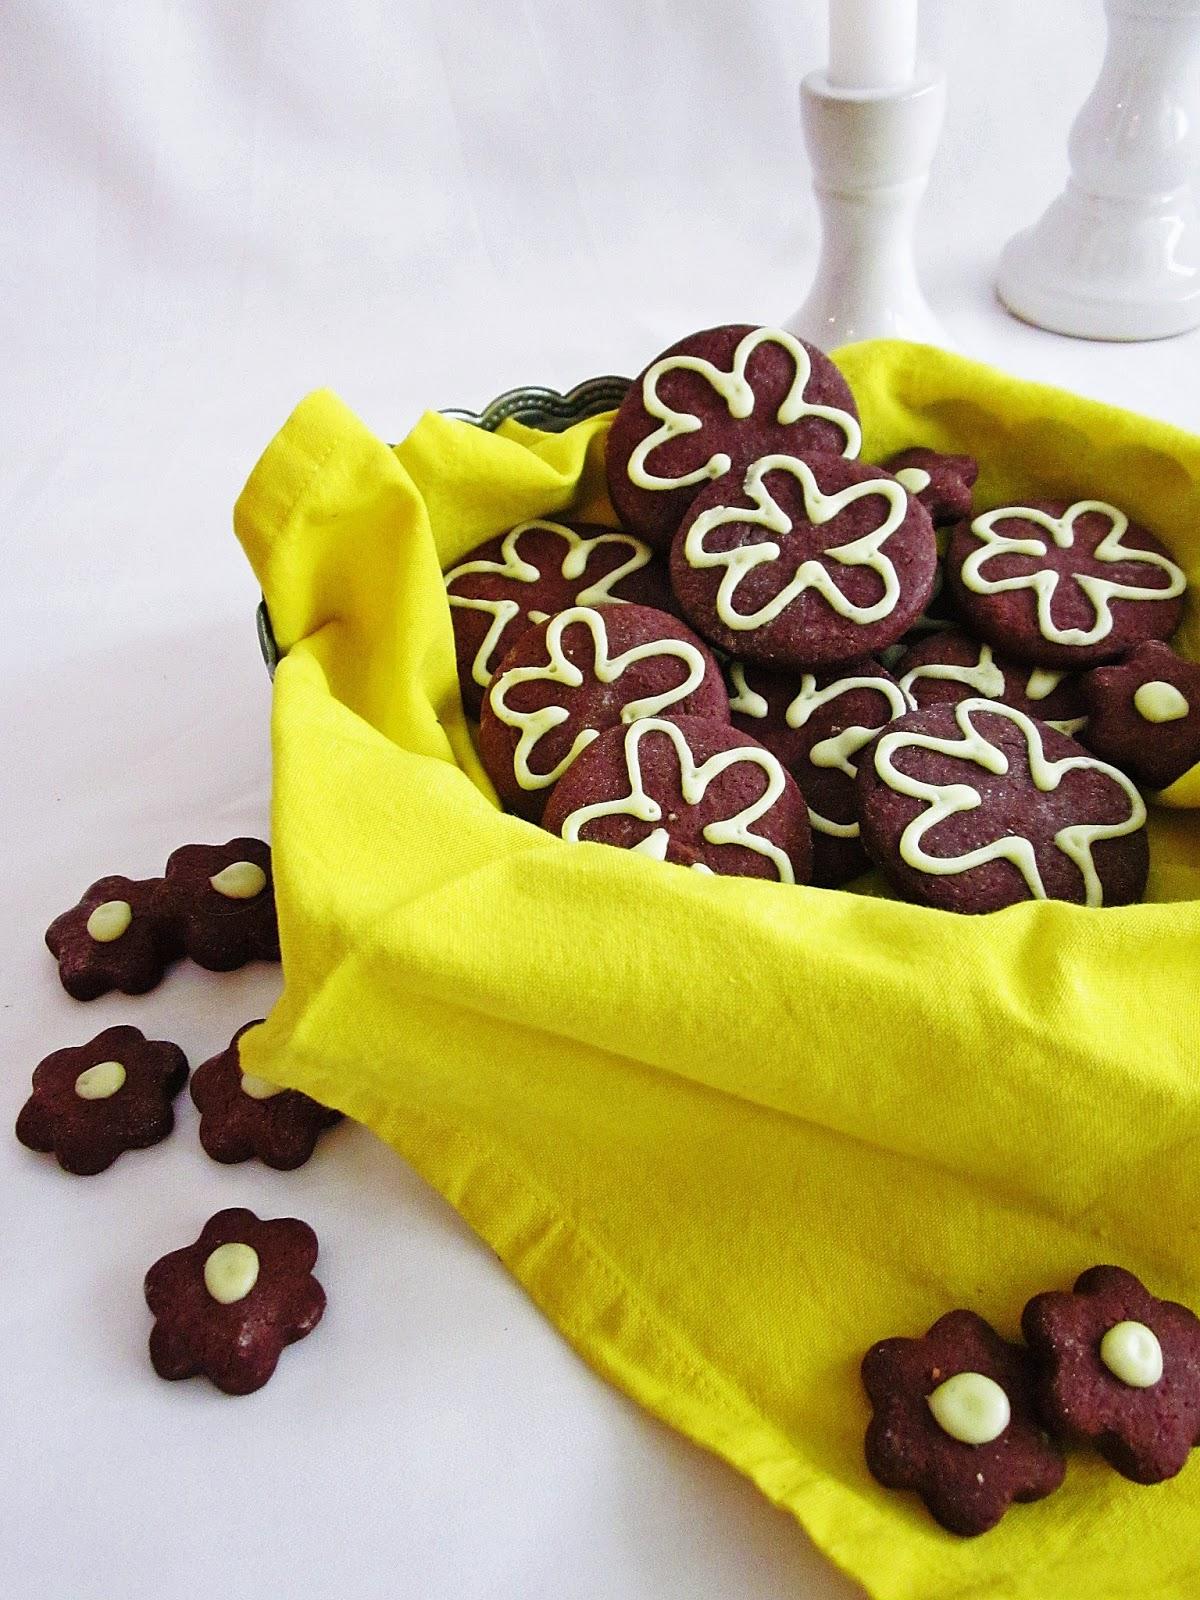 Kekse mit Icing